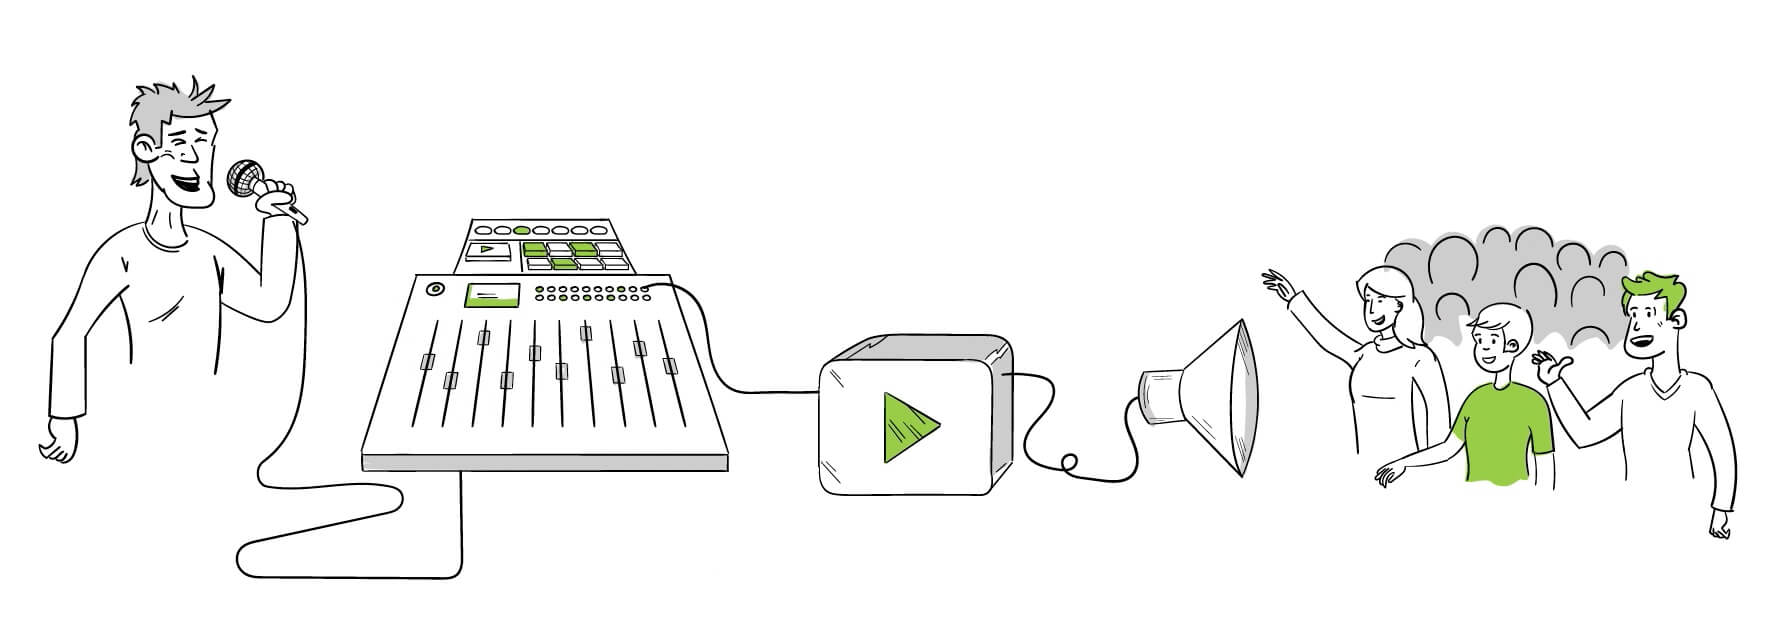 Tontechniker-Kurs-Seminar-Tontechnik-Audio-Engineer_GKT_03 Das Signal und seine Führung